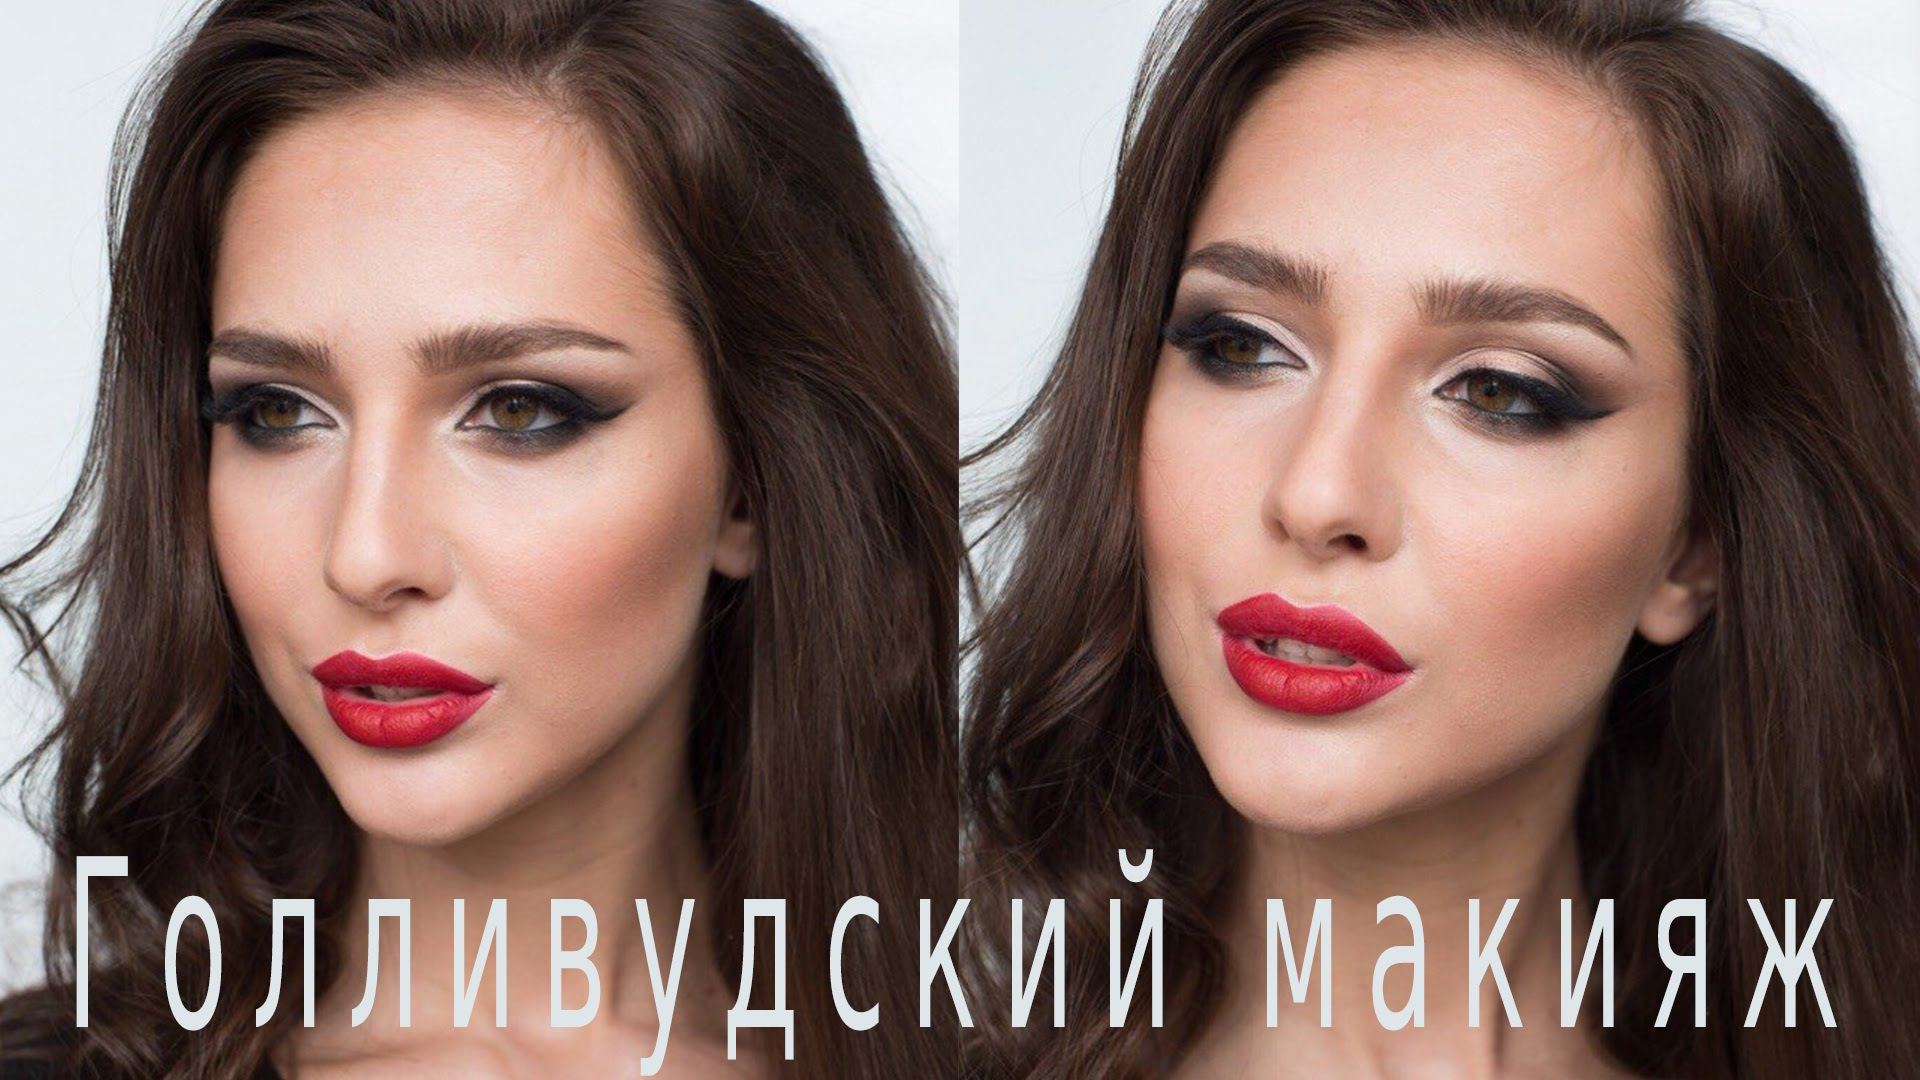 Голливудский макияж: время быть звездой с советами от Wobs!